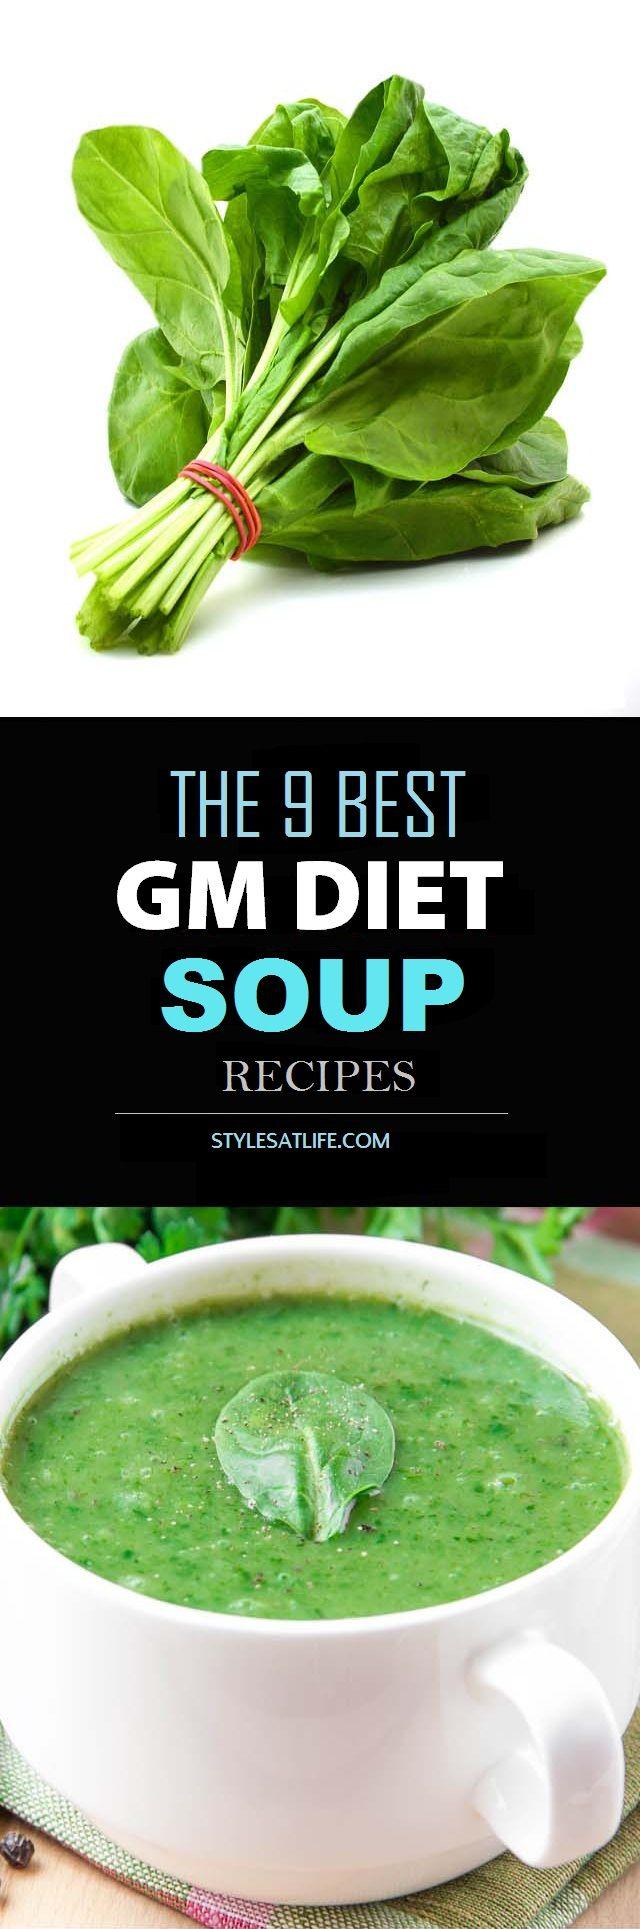 Gm recetas de la dieta de sopa - Nuestro Top 9